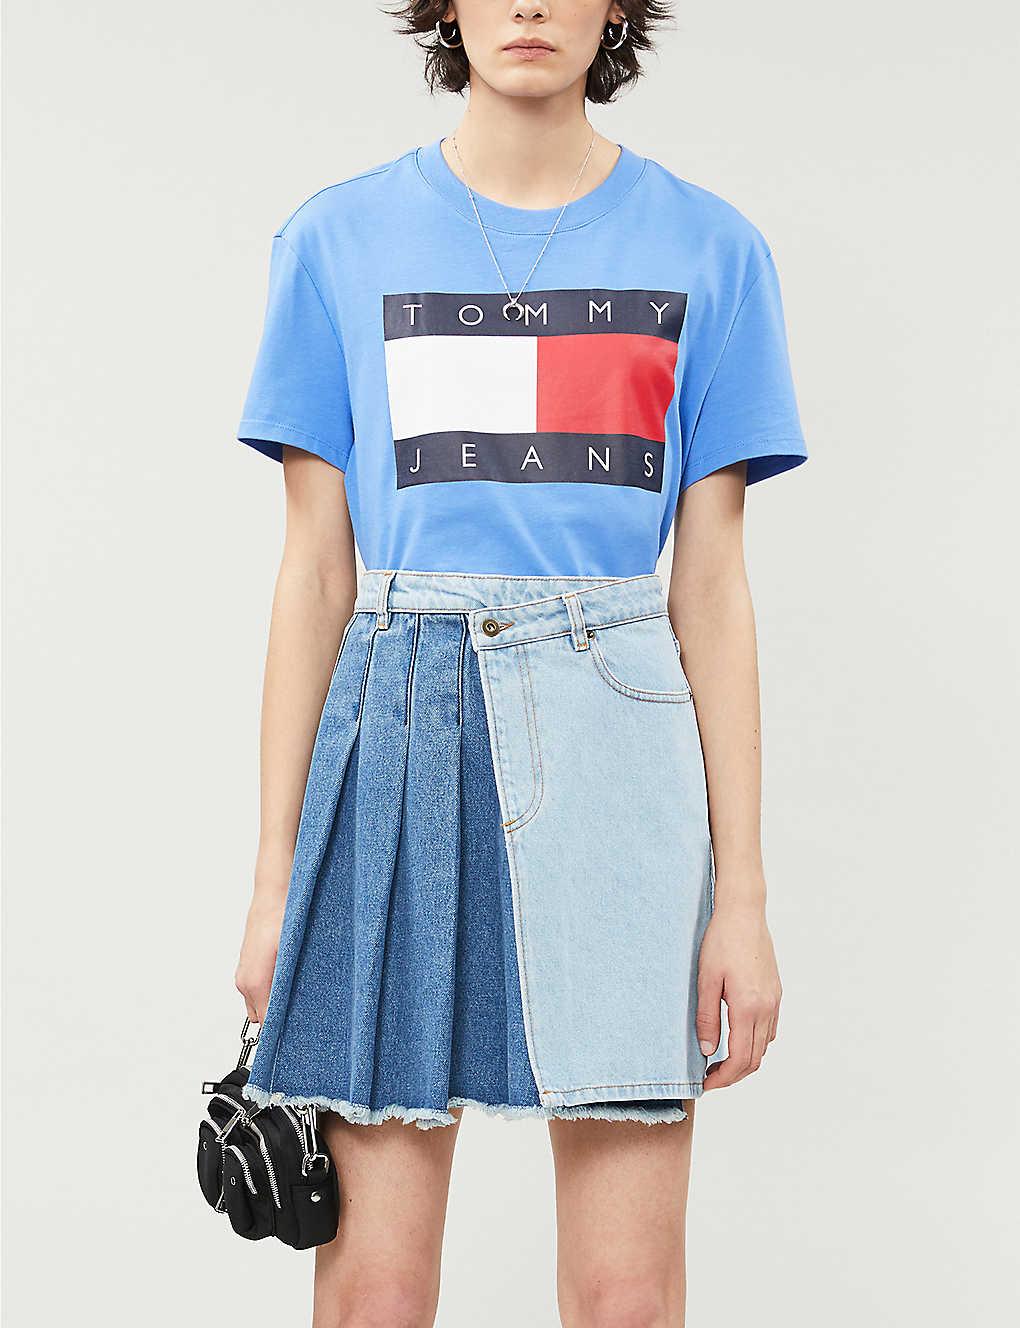 Tommy Jeans Logo Print Cotton Jersey T Shirt Selfridges Com